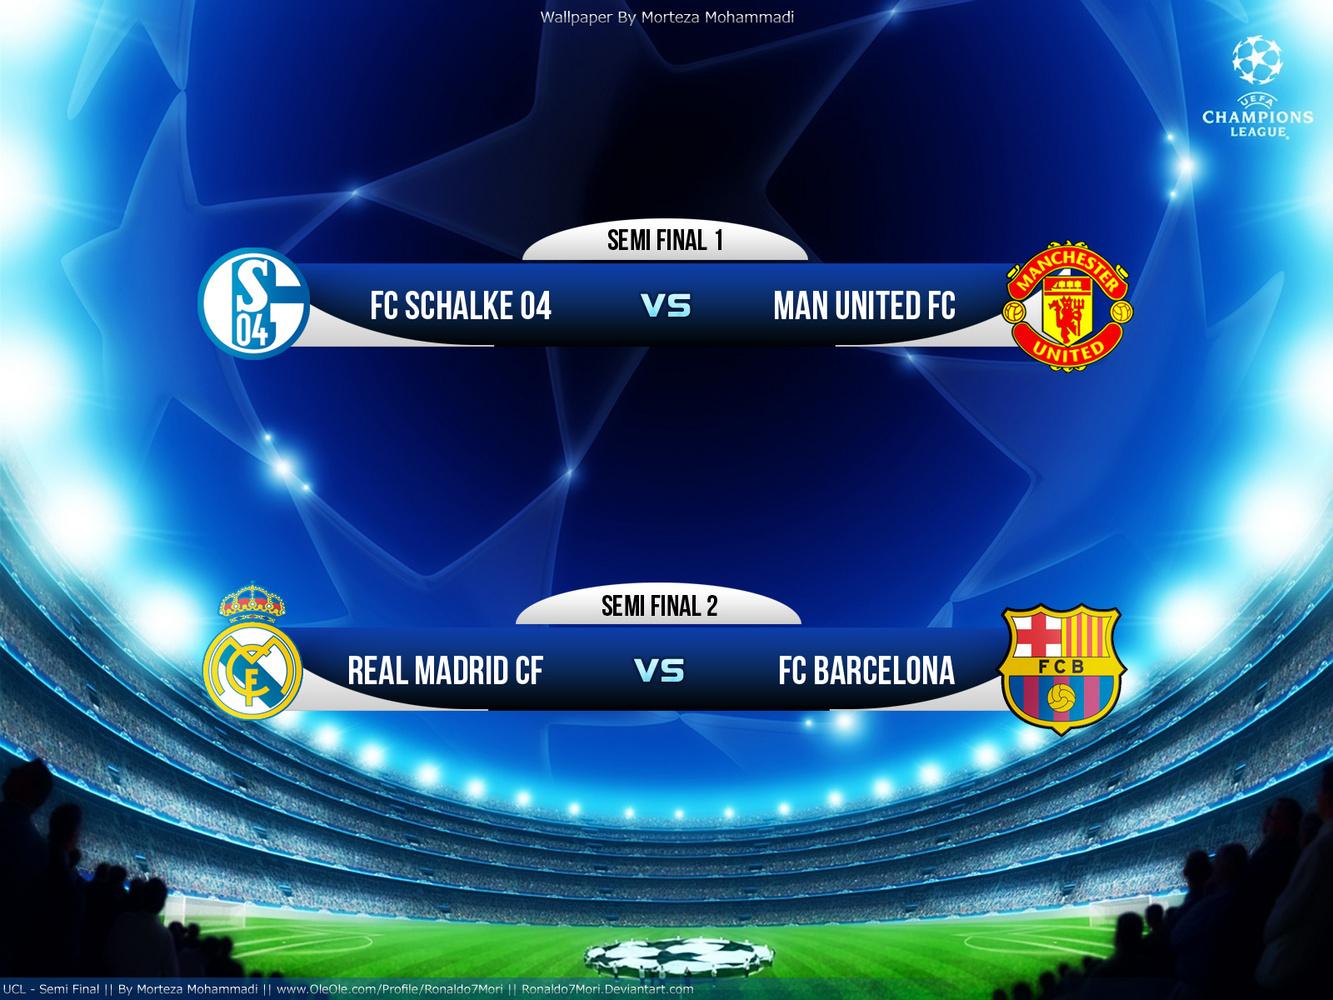 Jogos barcelona hoje